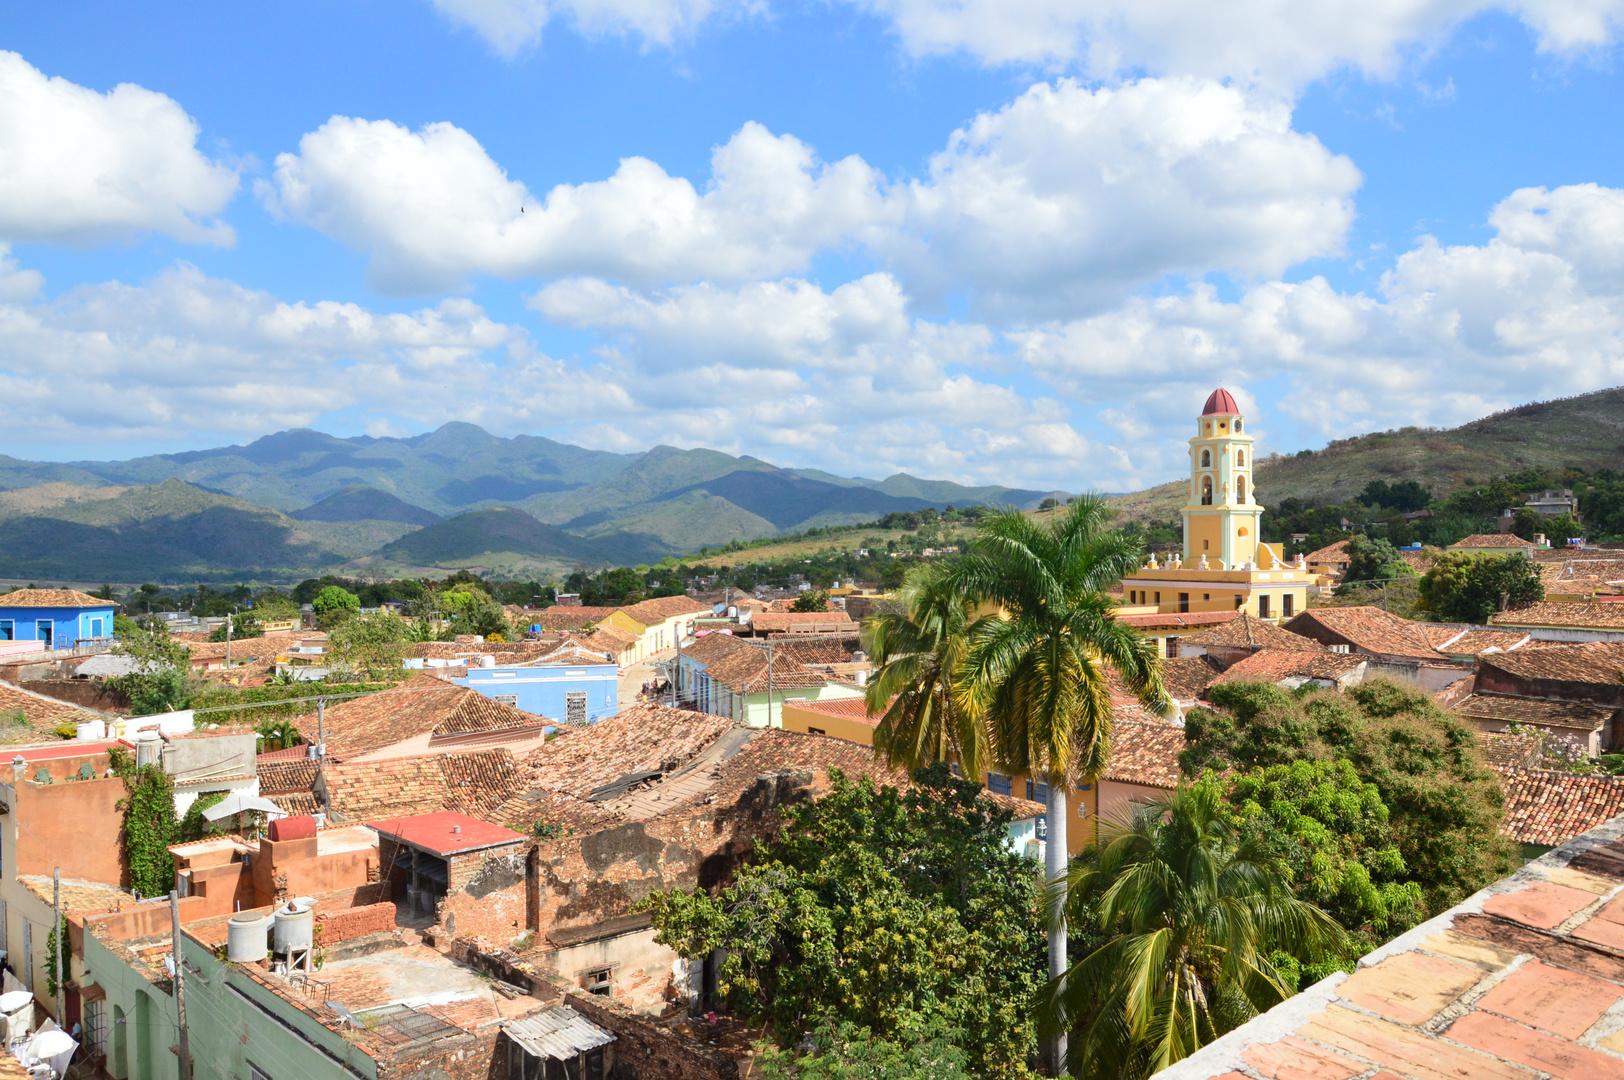 Über den Dächern von Trinidad